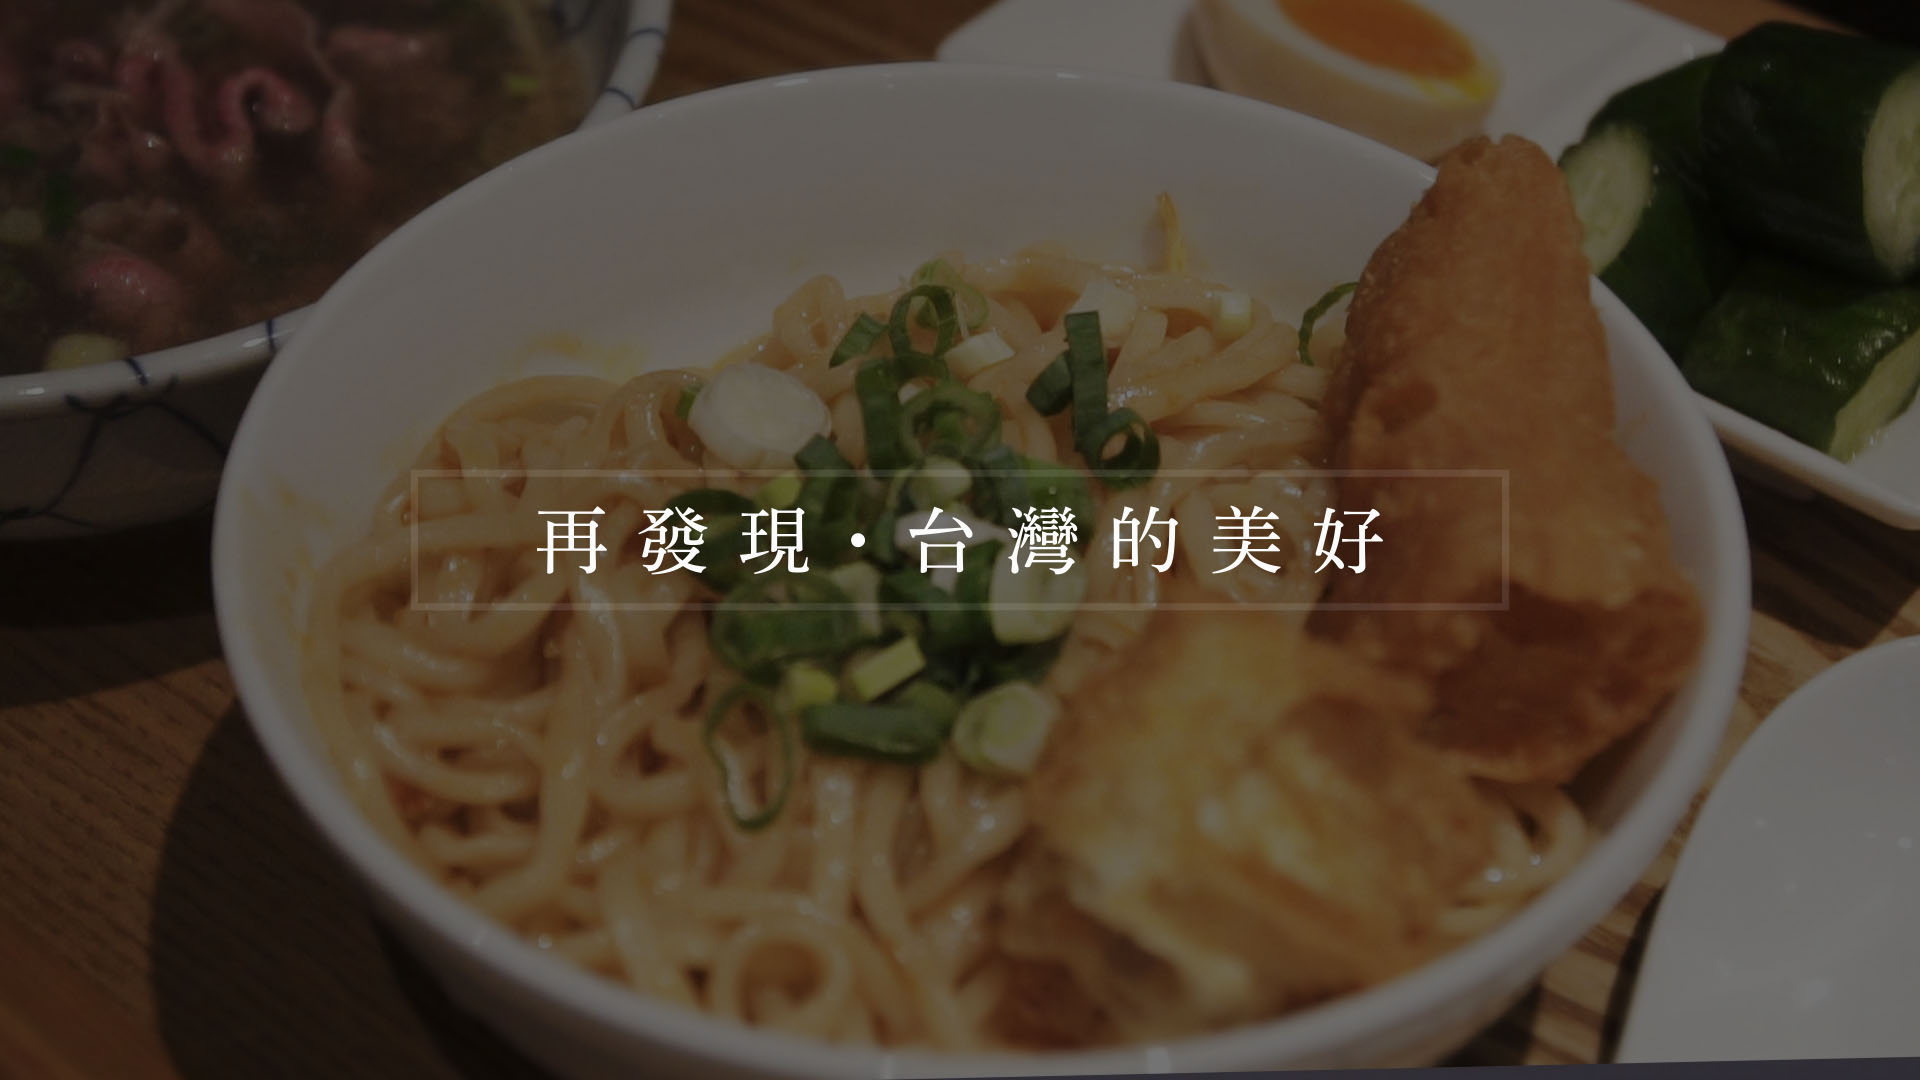 【再發現.台灣的美好】民生社區「虎笑麵屋」,溫體牛肉湯配上麻辣鴨血,美味更勝「銷魂麵」!| Bella Taiwan